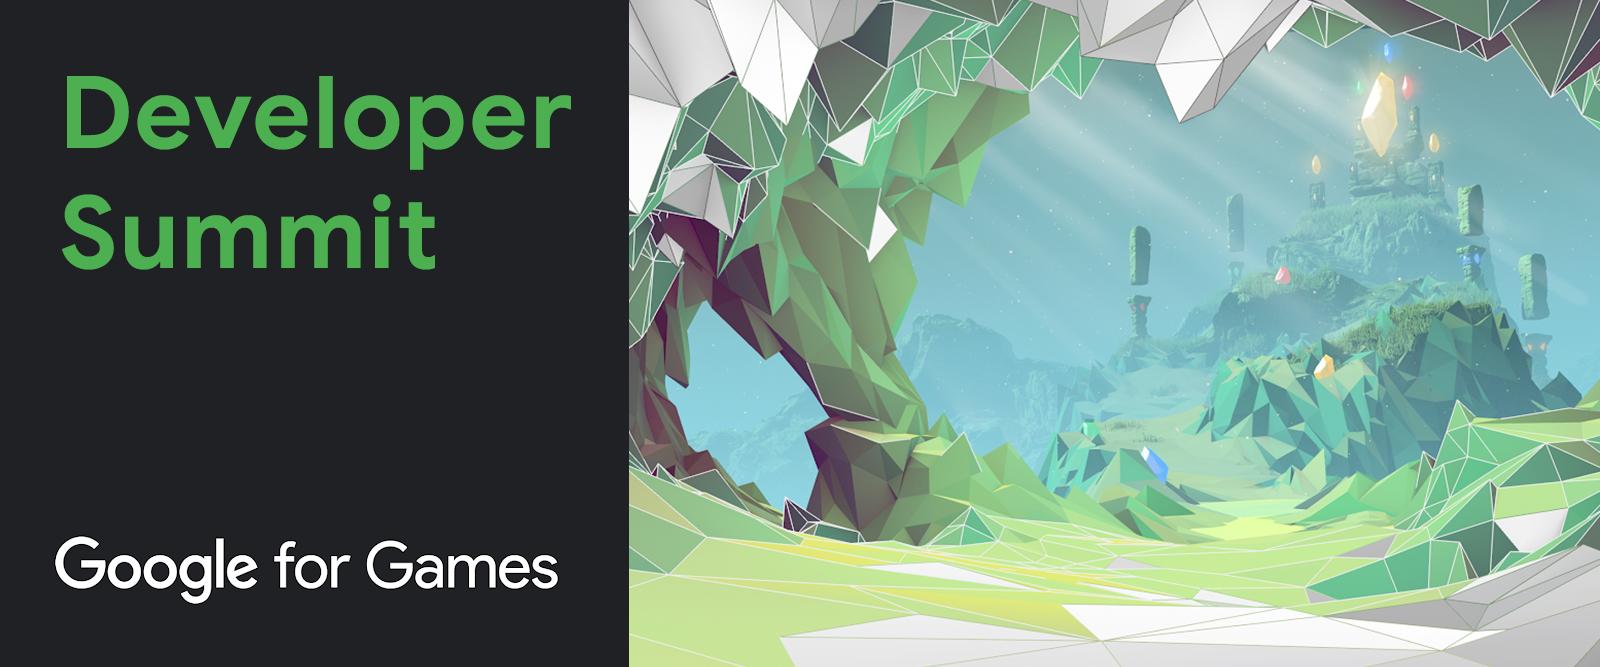 Google Games Developer Summit 2020